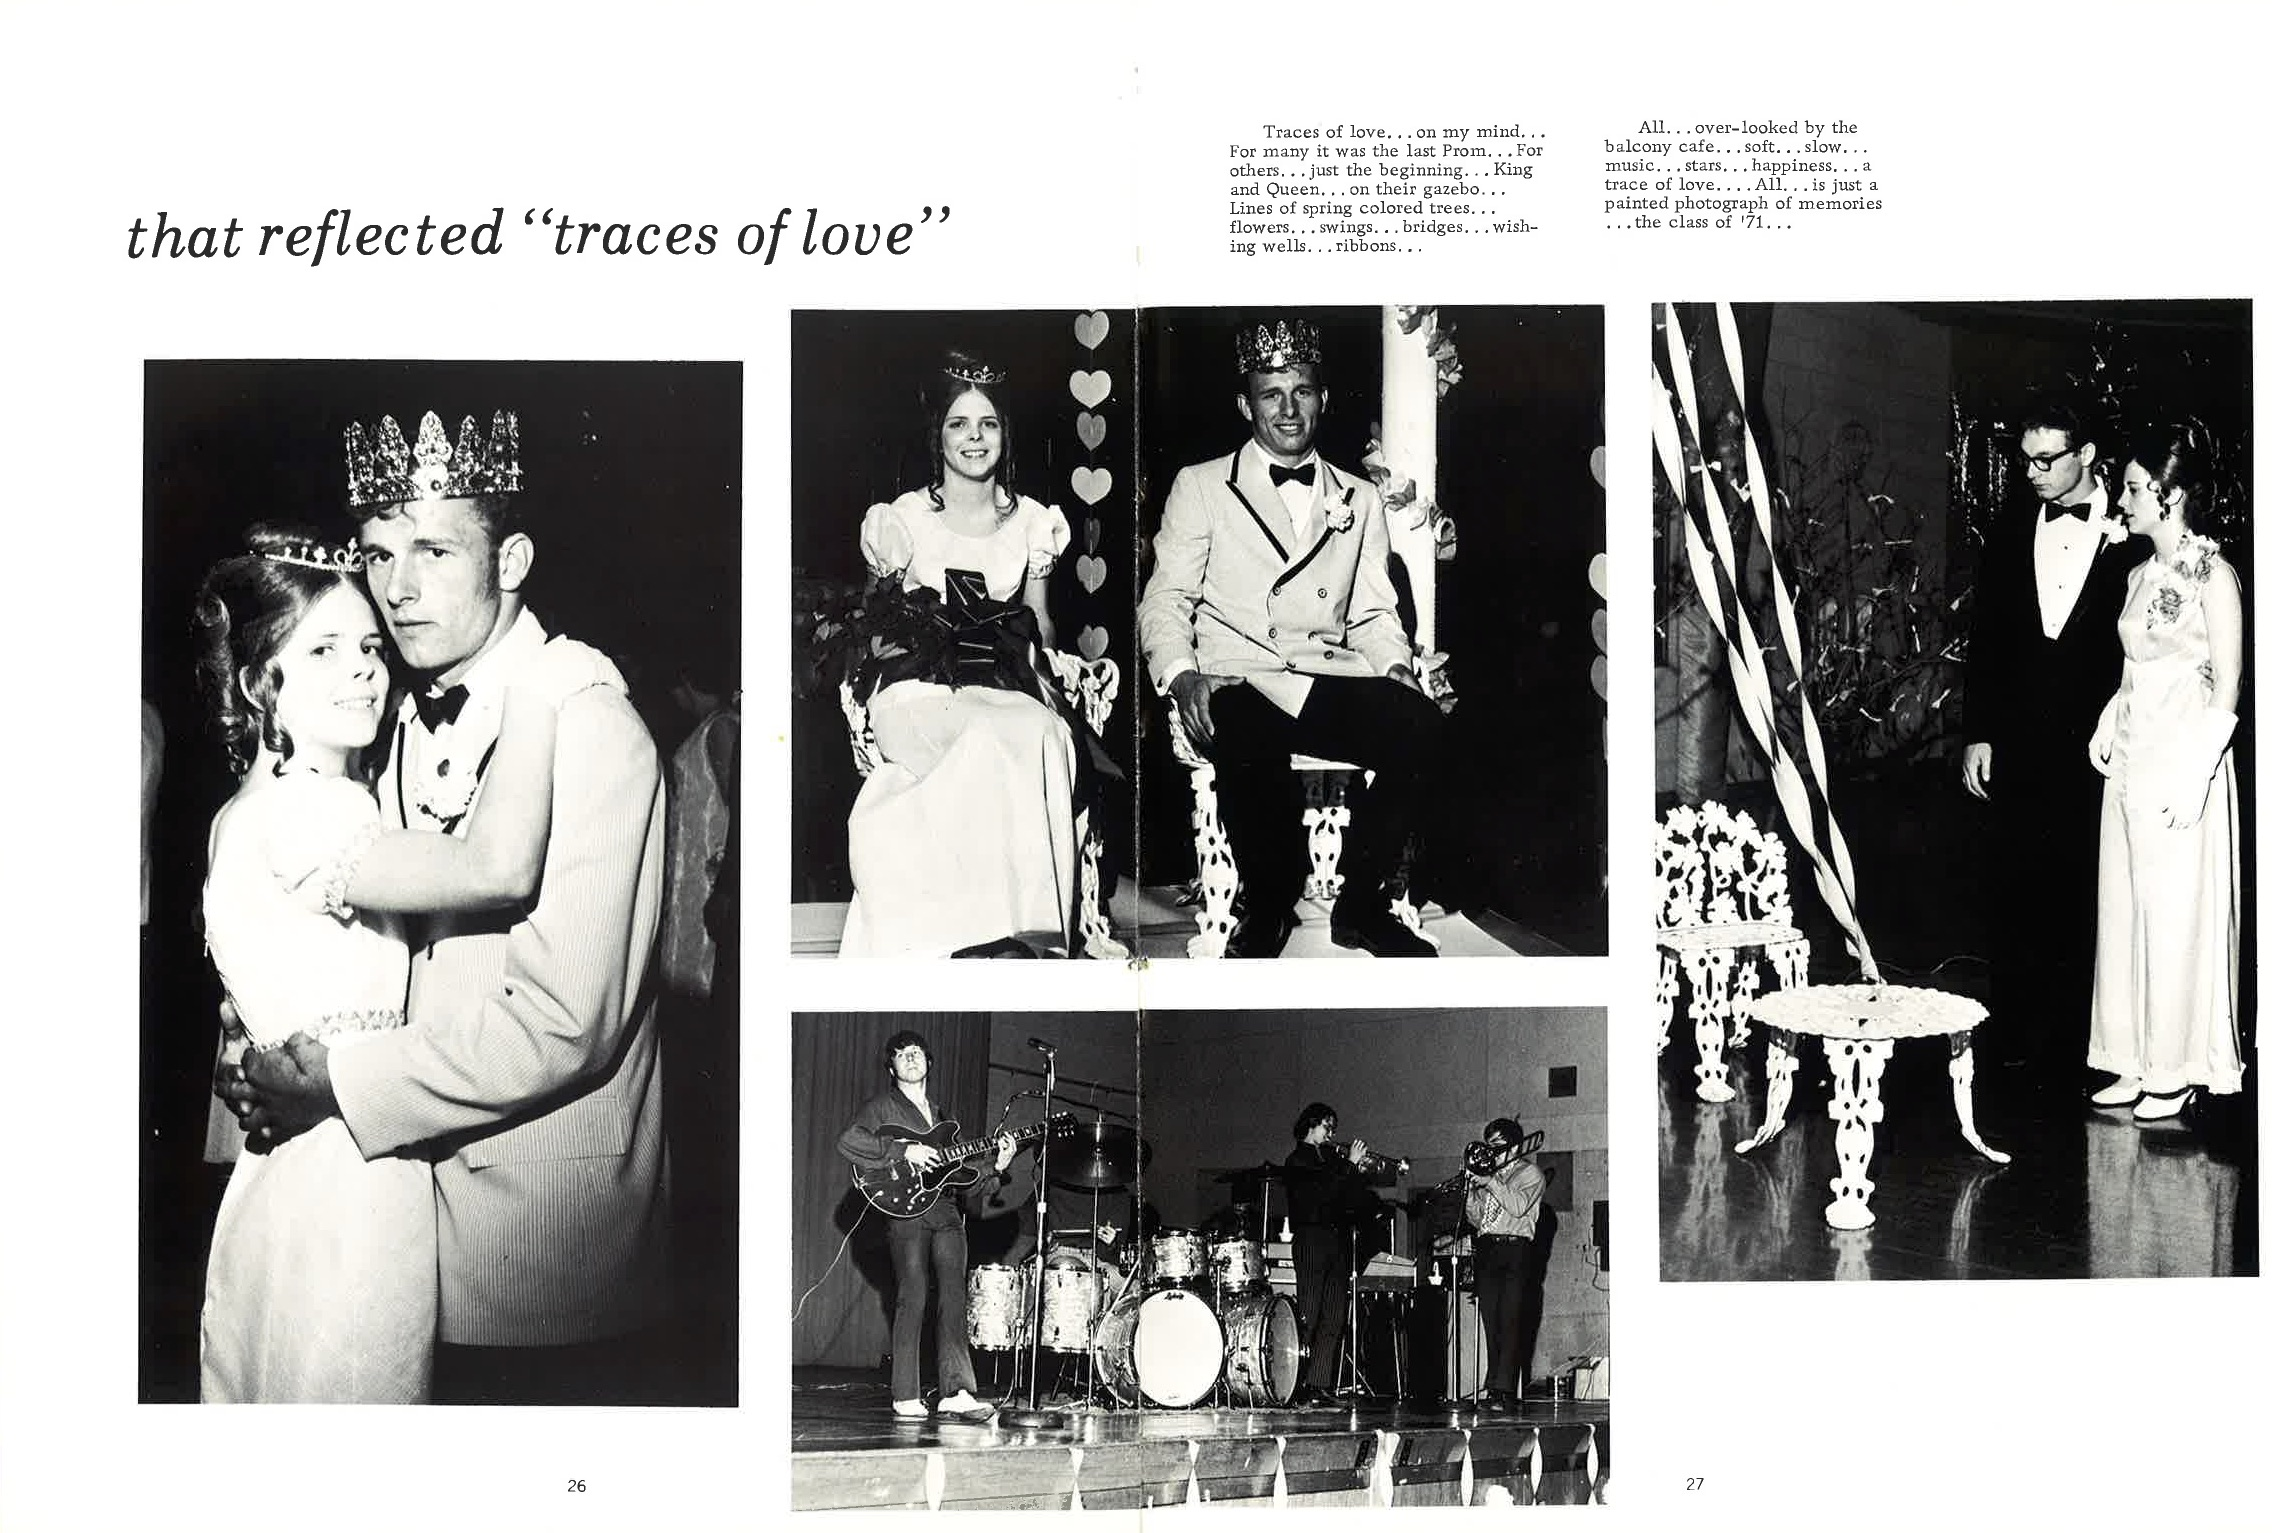 1971_Yearbook_26-27.jpg